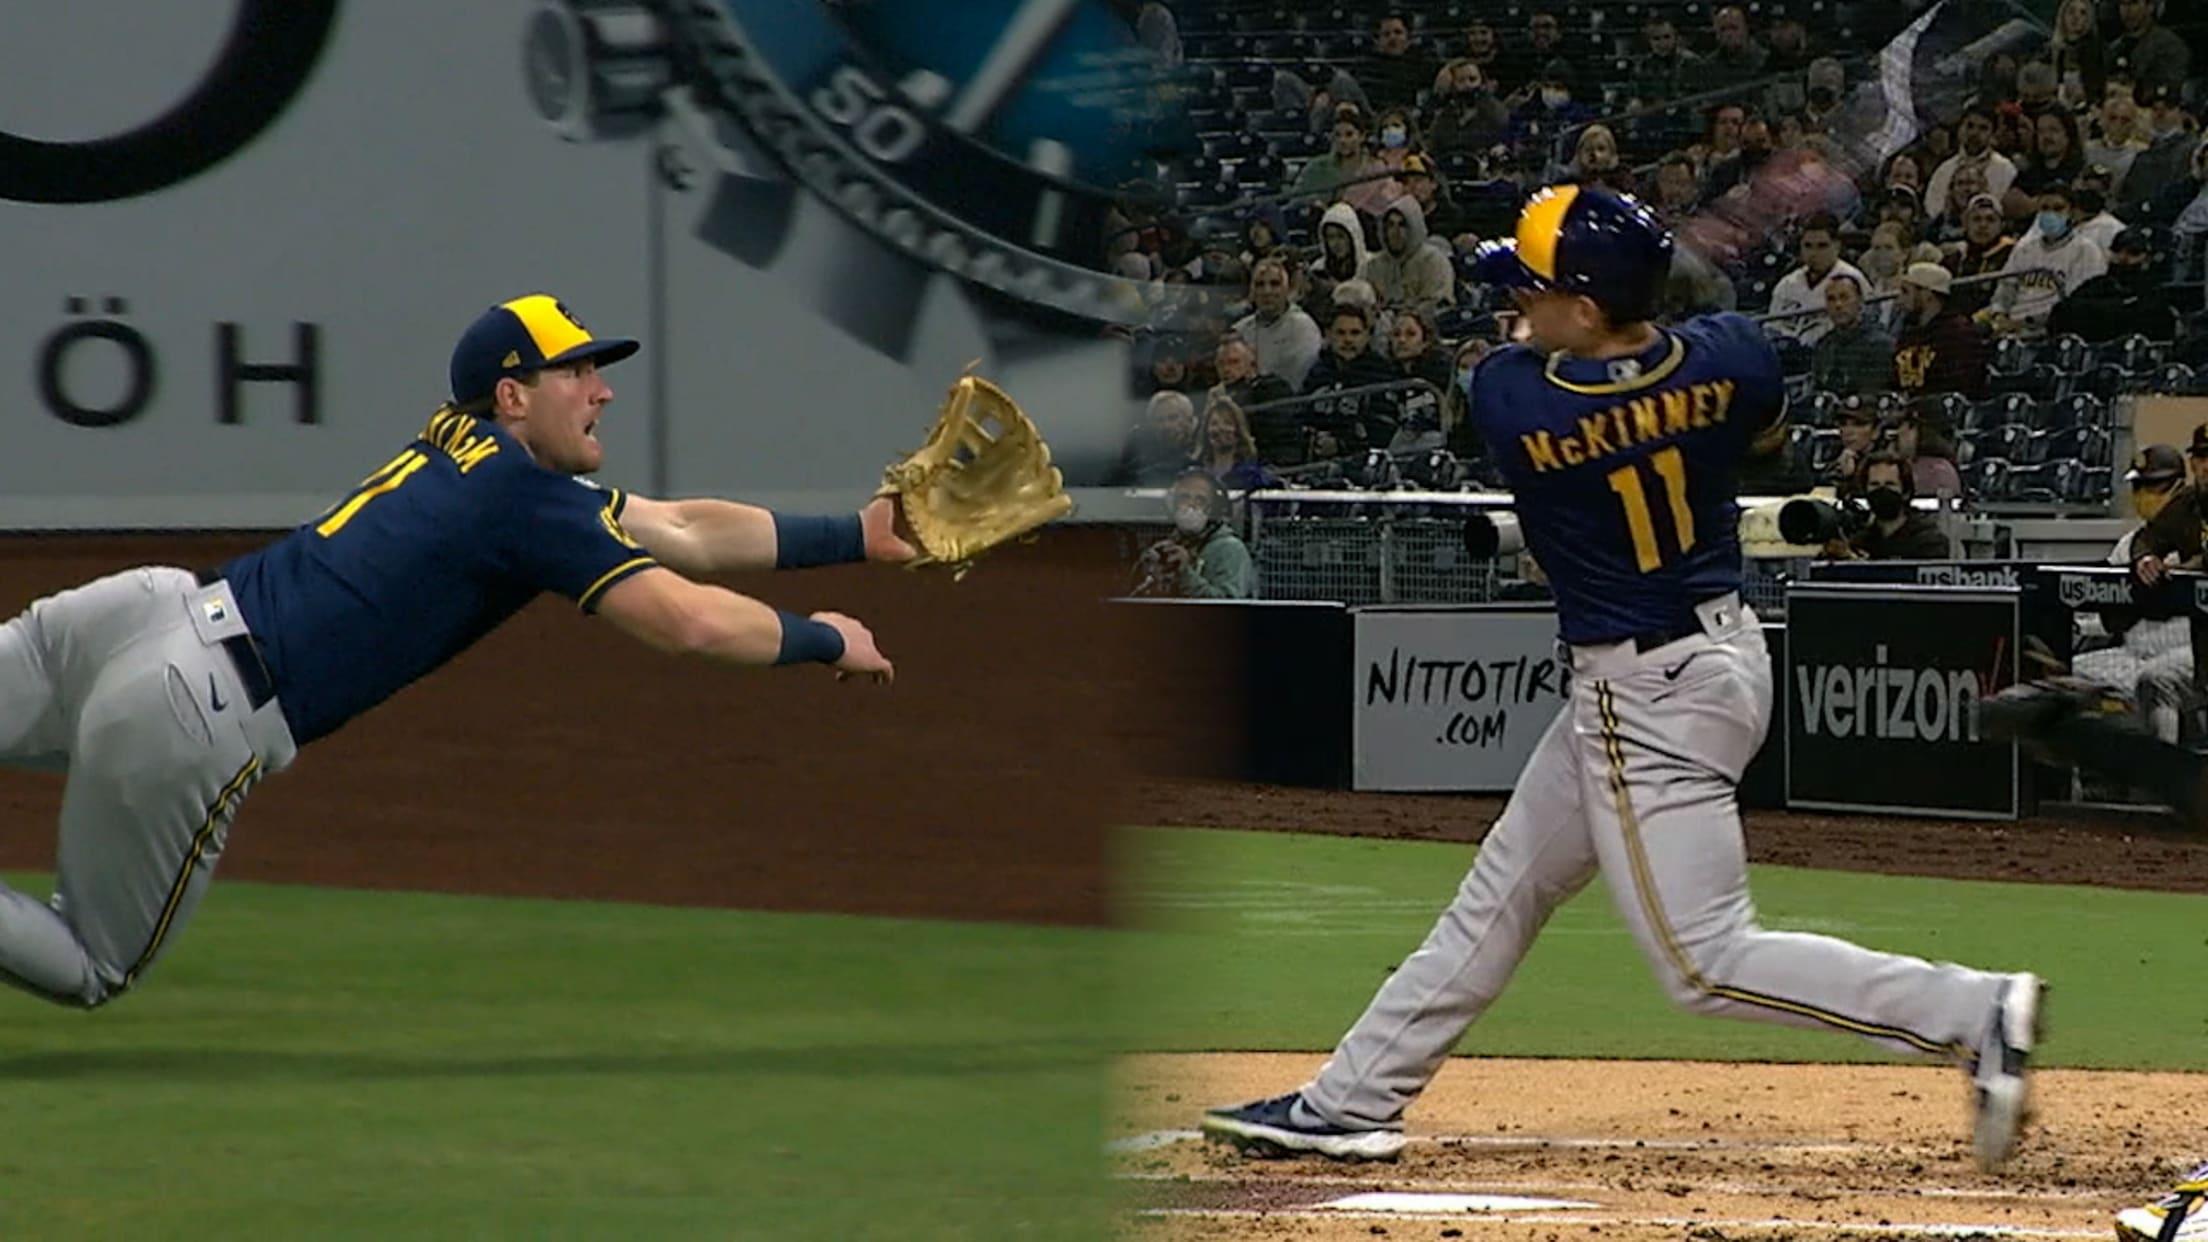 【MLB】ビリー・マッキニー 攻守で活躍し勝利に貢献 vs.パドレス 4.21